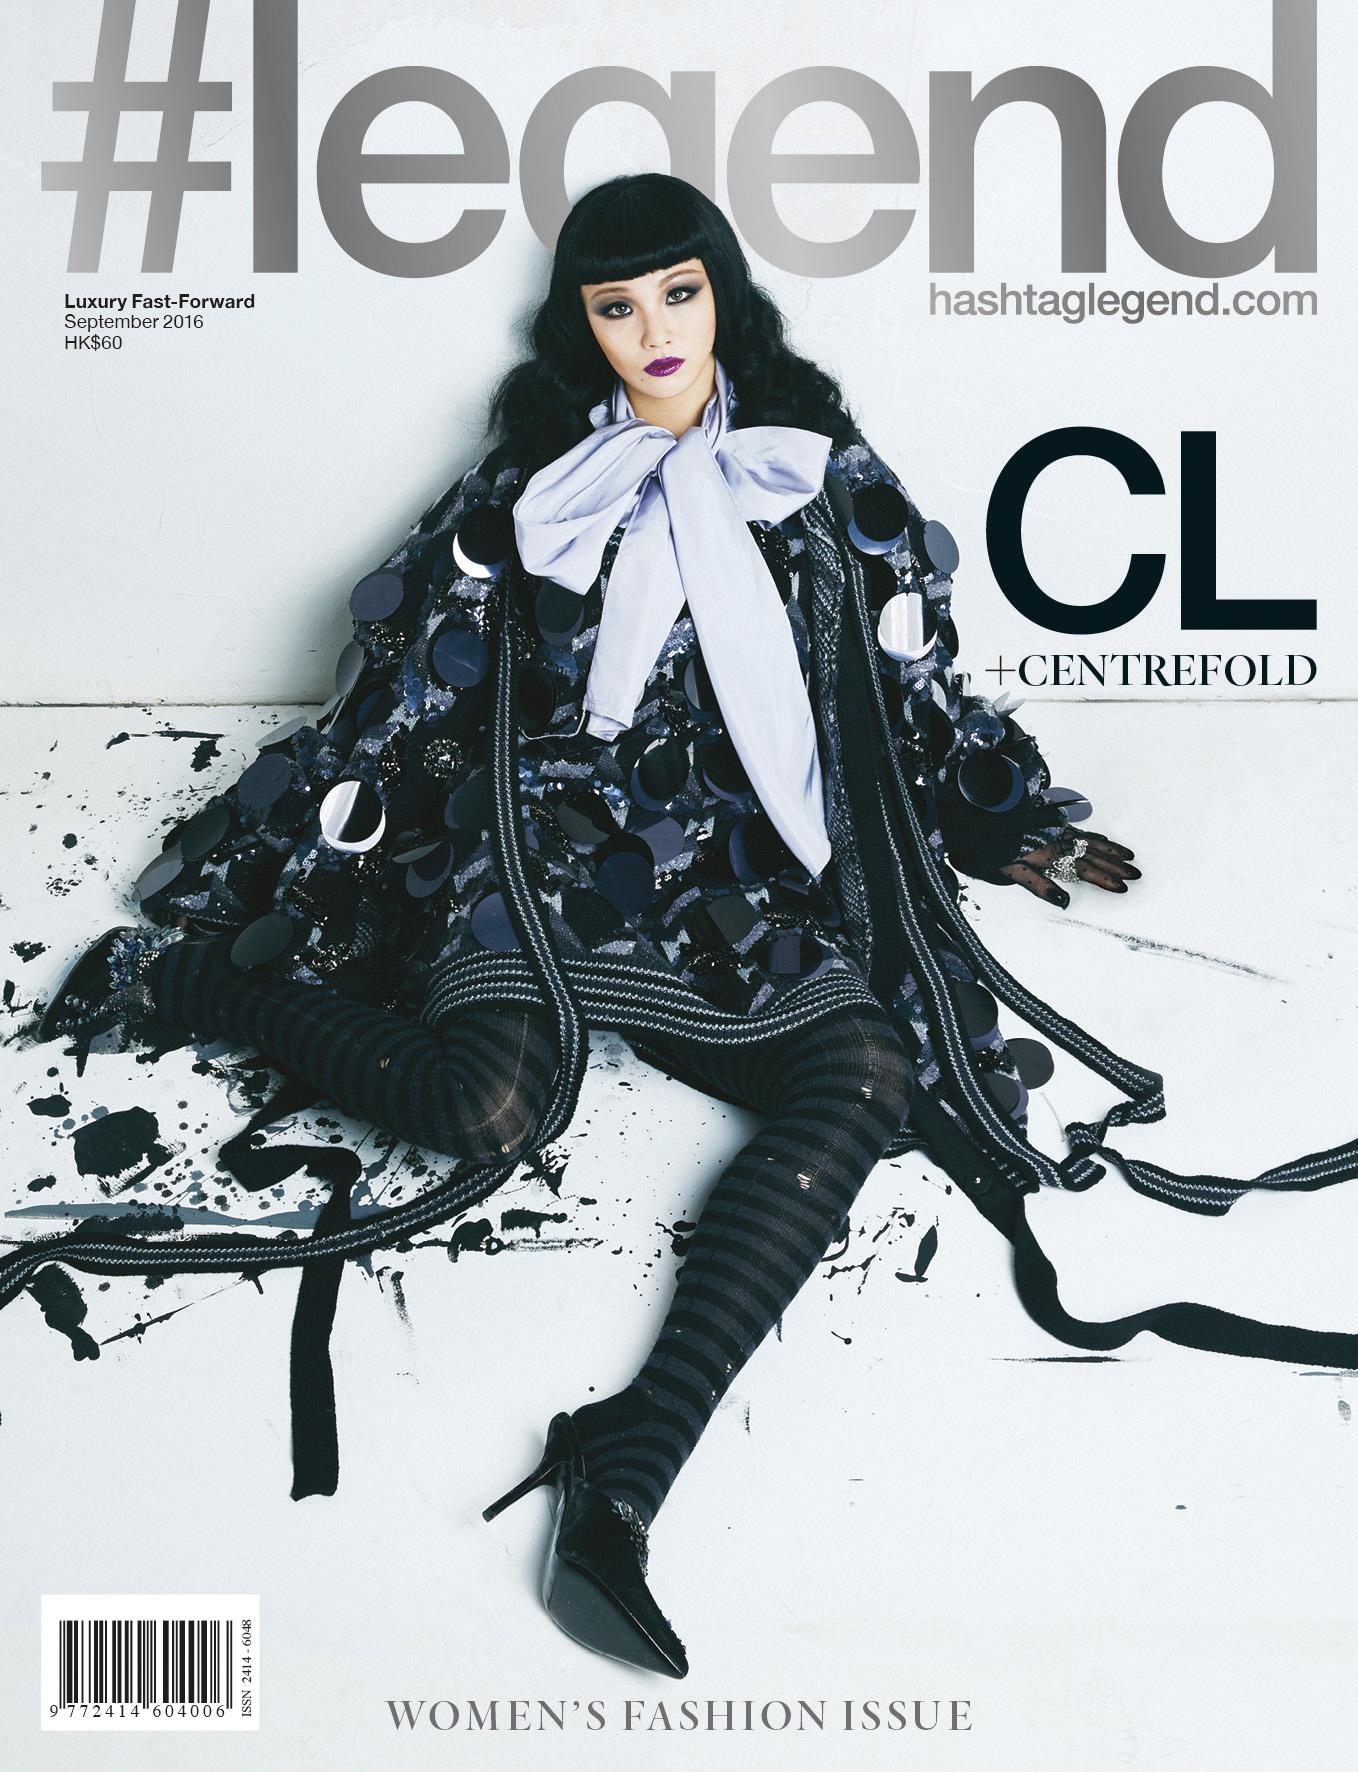 CL hashtag legend magazine 4